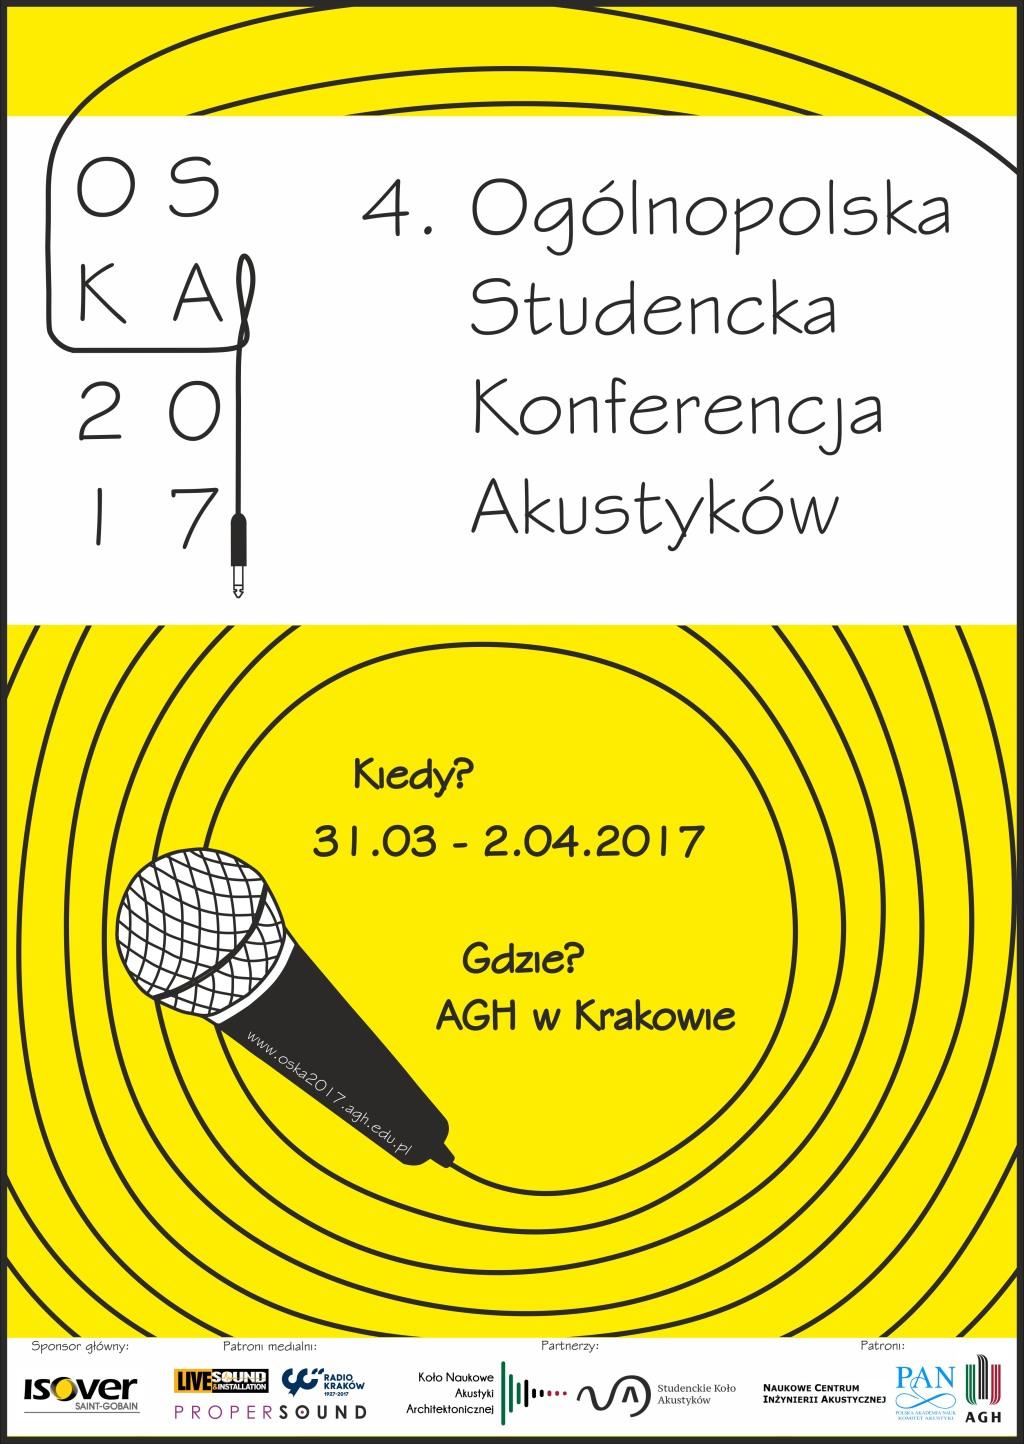 ISOVER WRAZ ZE STUDENTAMI ZAPRASZA NA OSKA 2017